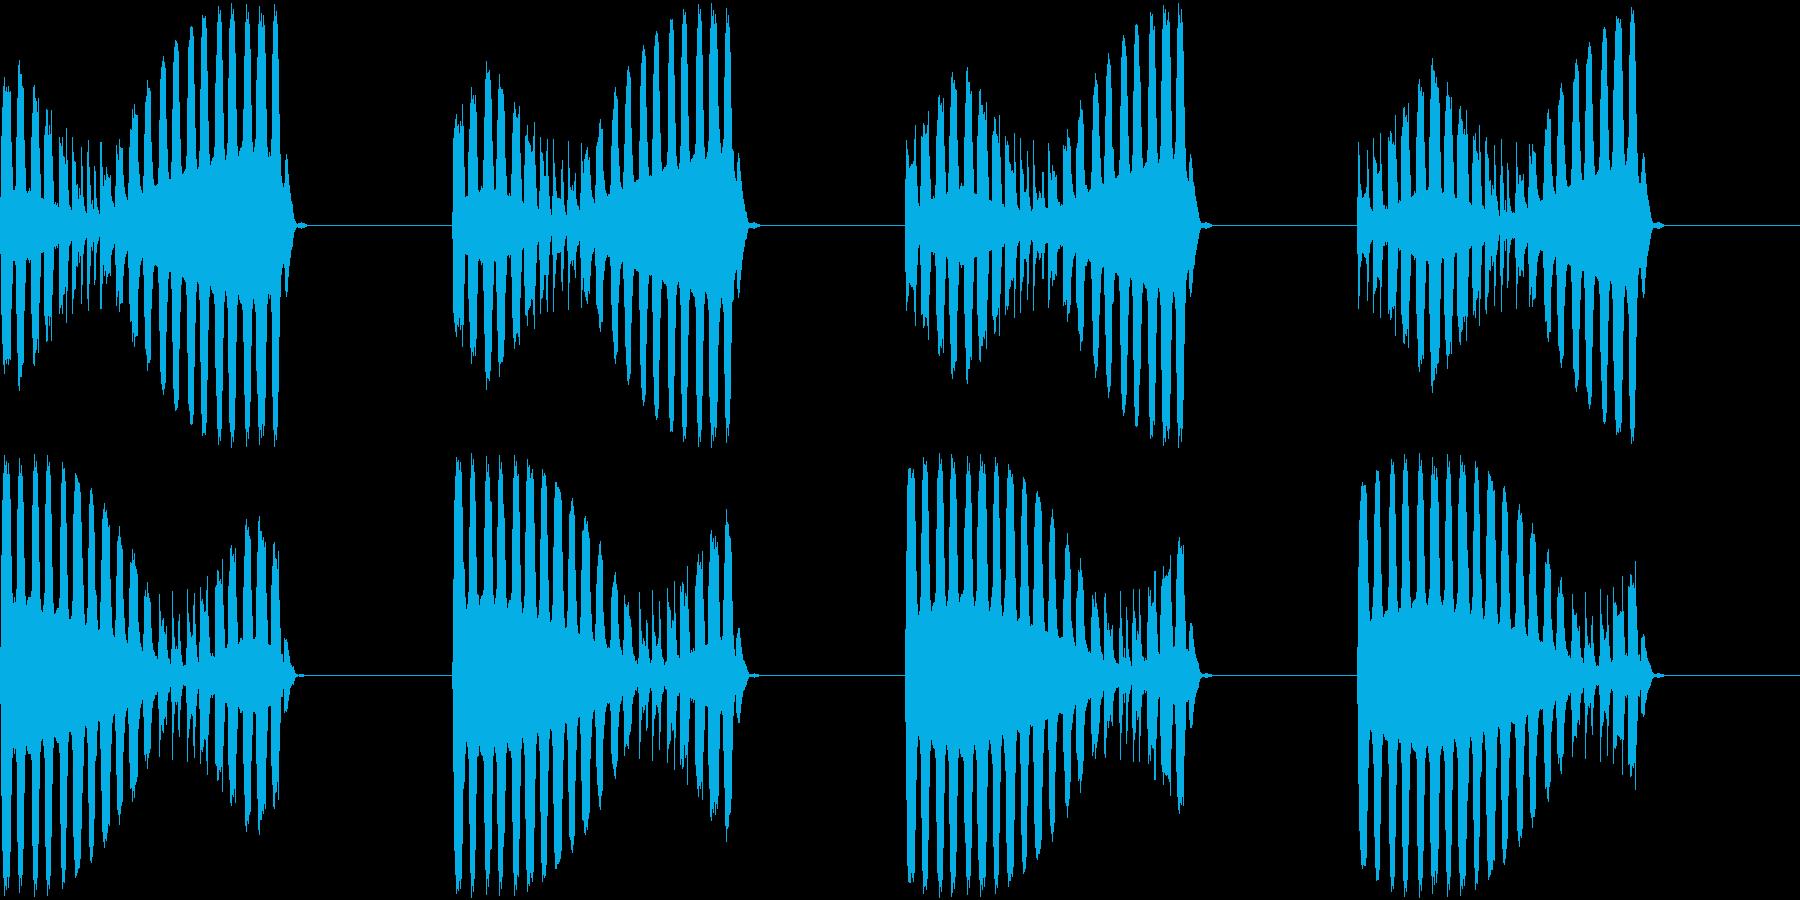 アラーム 電話 未来的 宇宙船 ブザーの再生済みの波形